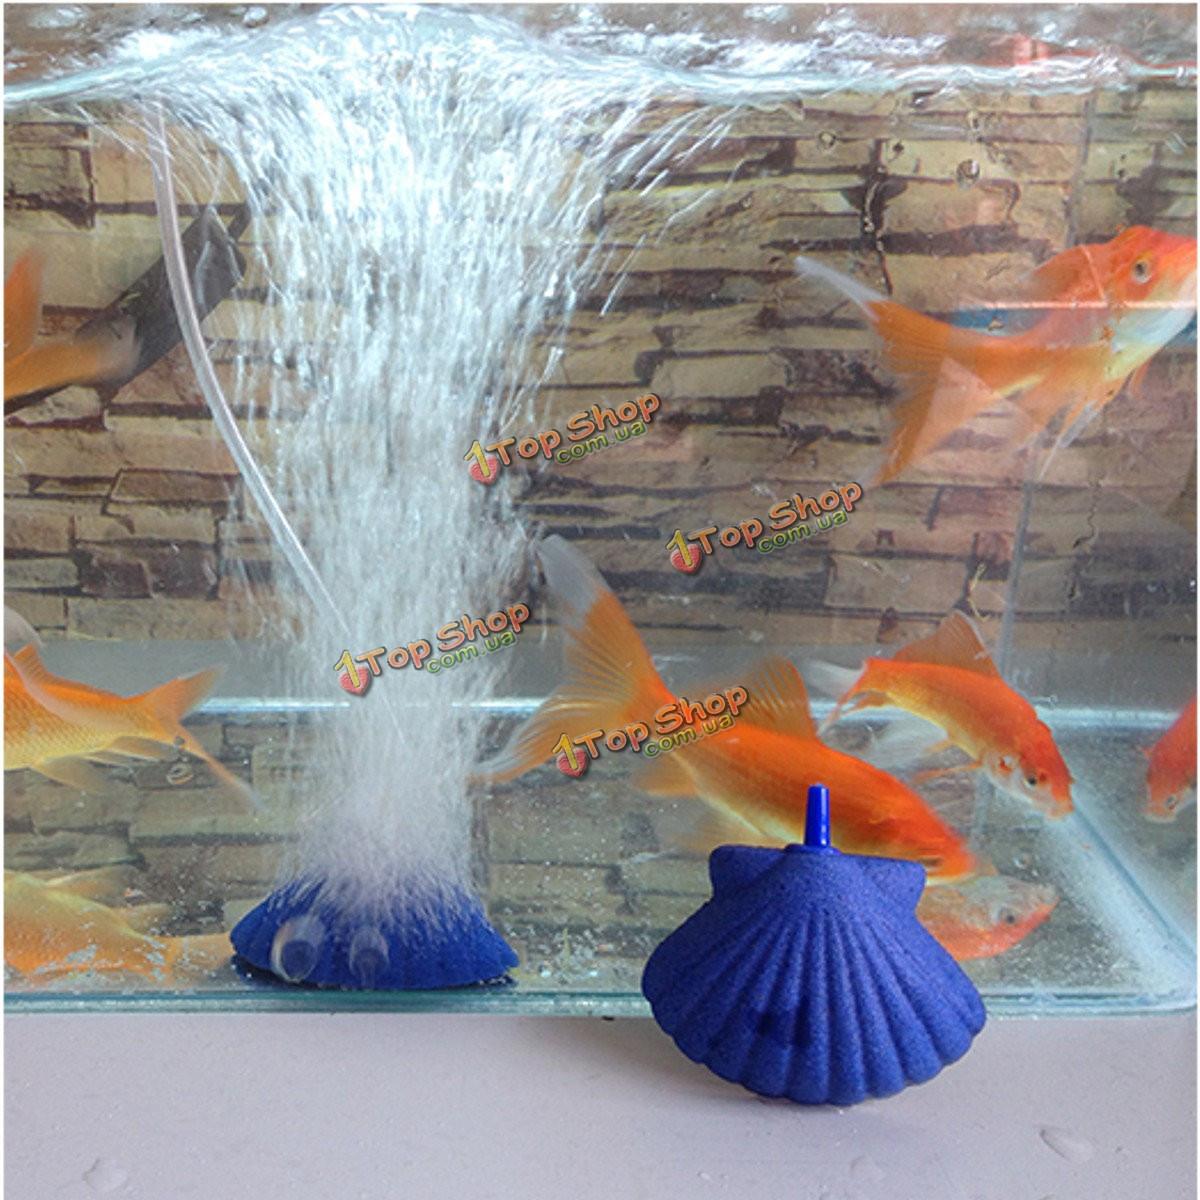 Оболочки форма воздух камень пузырь аквариумных рыб бак гидропоника аэратор диффузор пузыря аквариума насос - ➊TopShop ➠ Товары из Китая с бесплатной доставкой в Украину! в Киеве